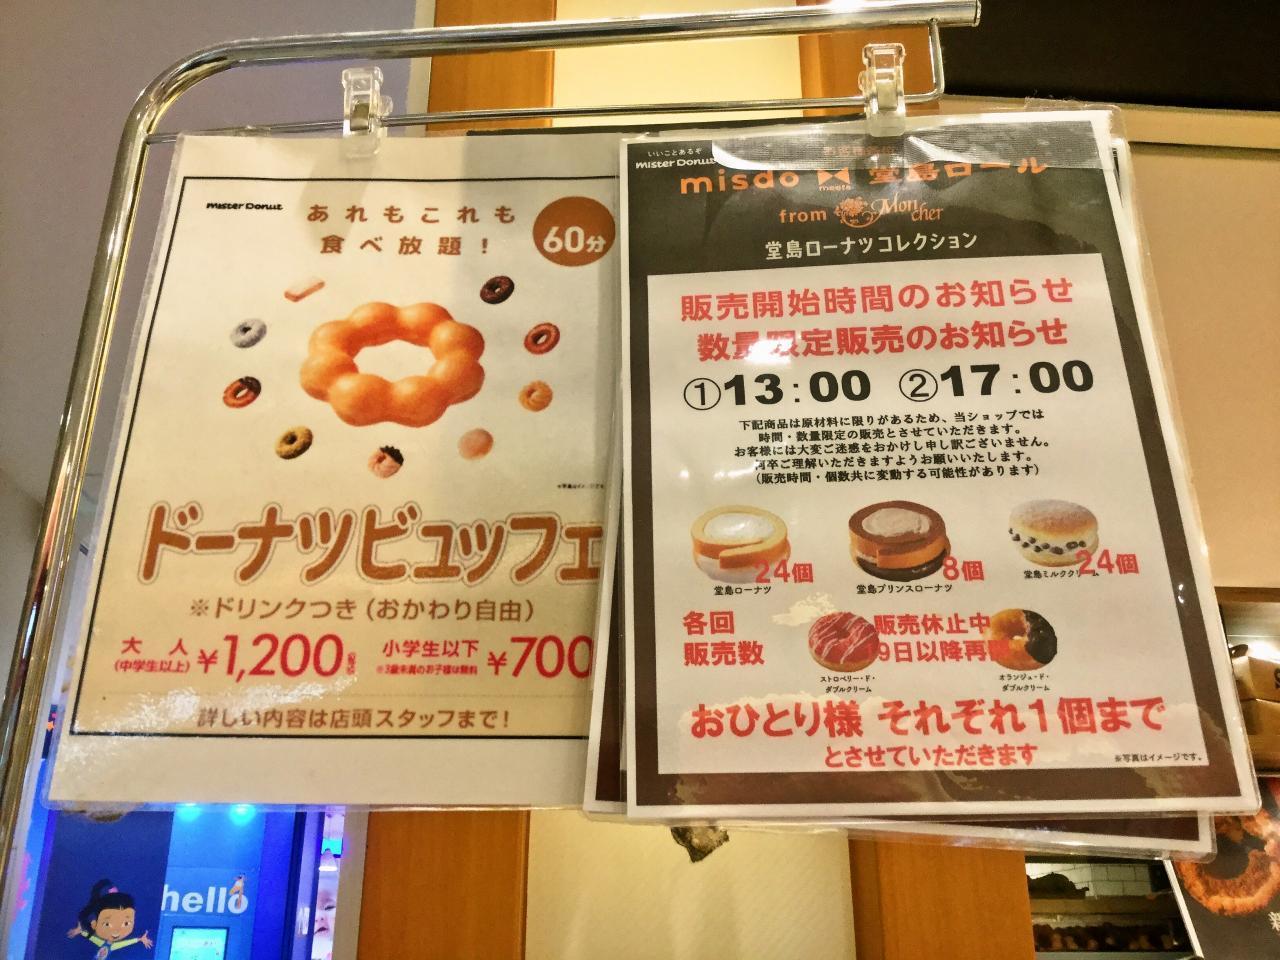 ミスタードーナツ トレッサ横浜ショップ(メニュー)